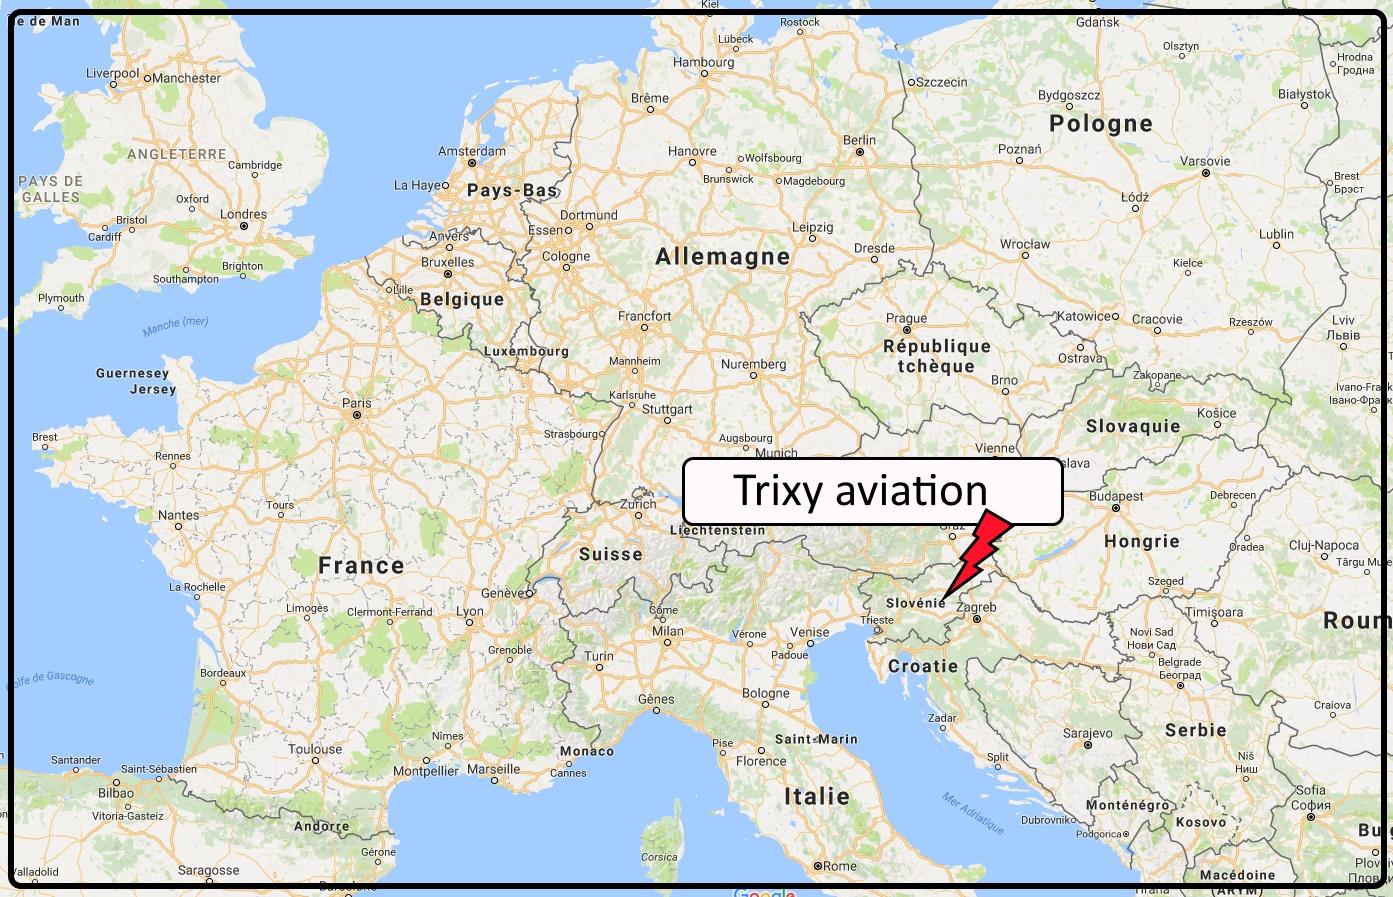 Trixy 1